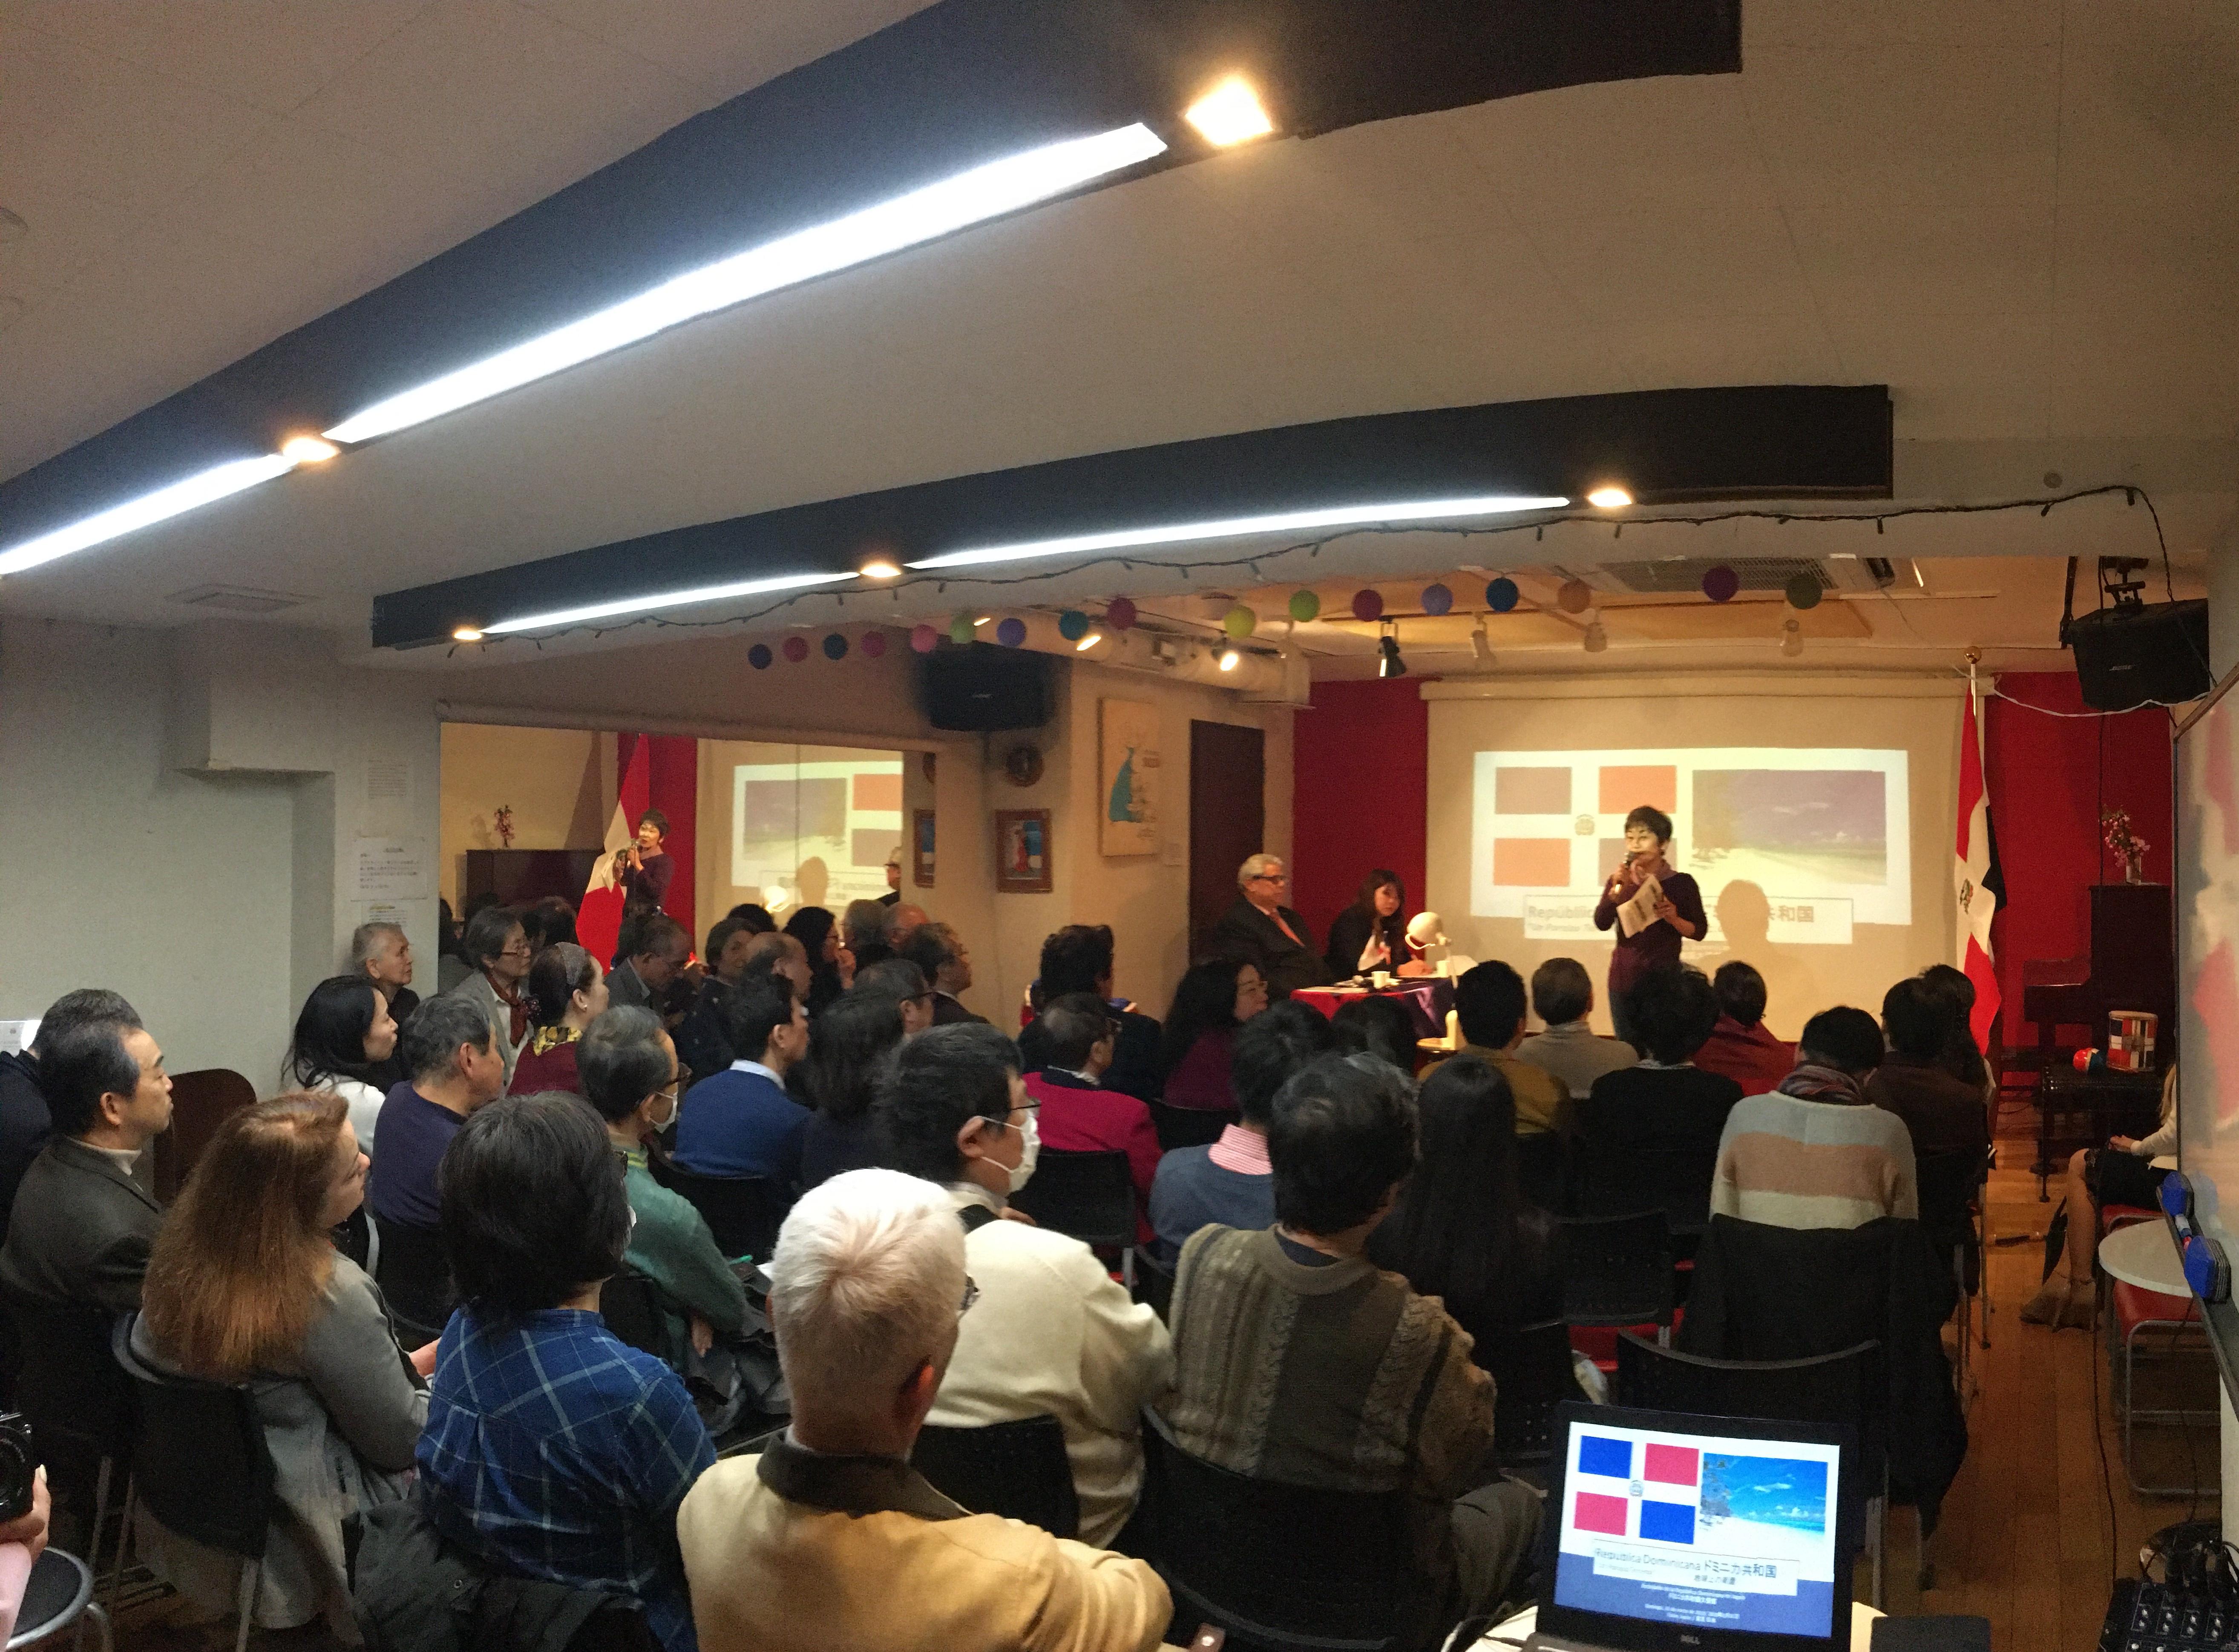 ドミンゲス大使講演会(Discurso y presentación por el Sr. Embajador Dominguez acerca de la república)